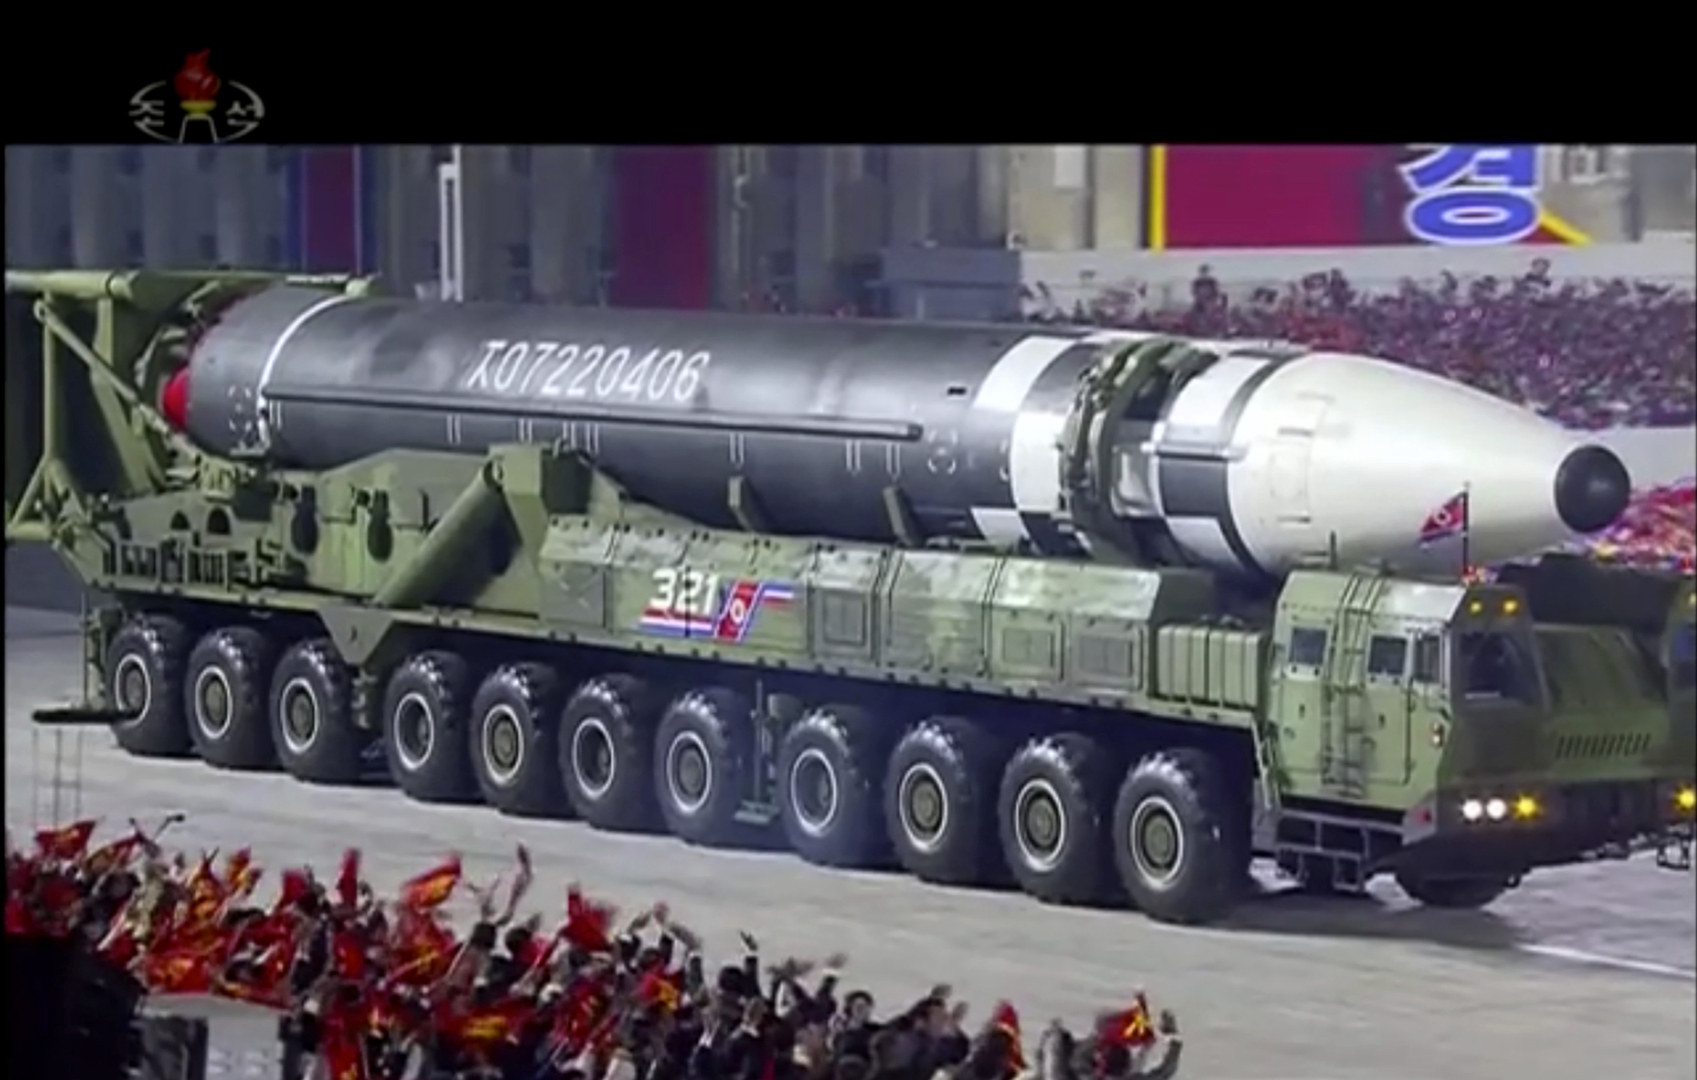 صور أقمار صناعية تكشف خطط كوريا الشمالية لزيادة إنتاج اليورانيوم للأسلحة النووية